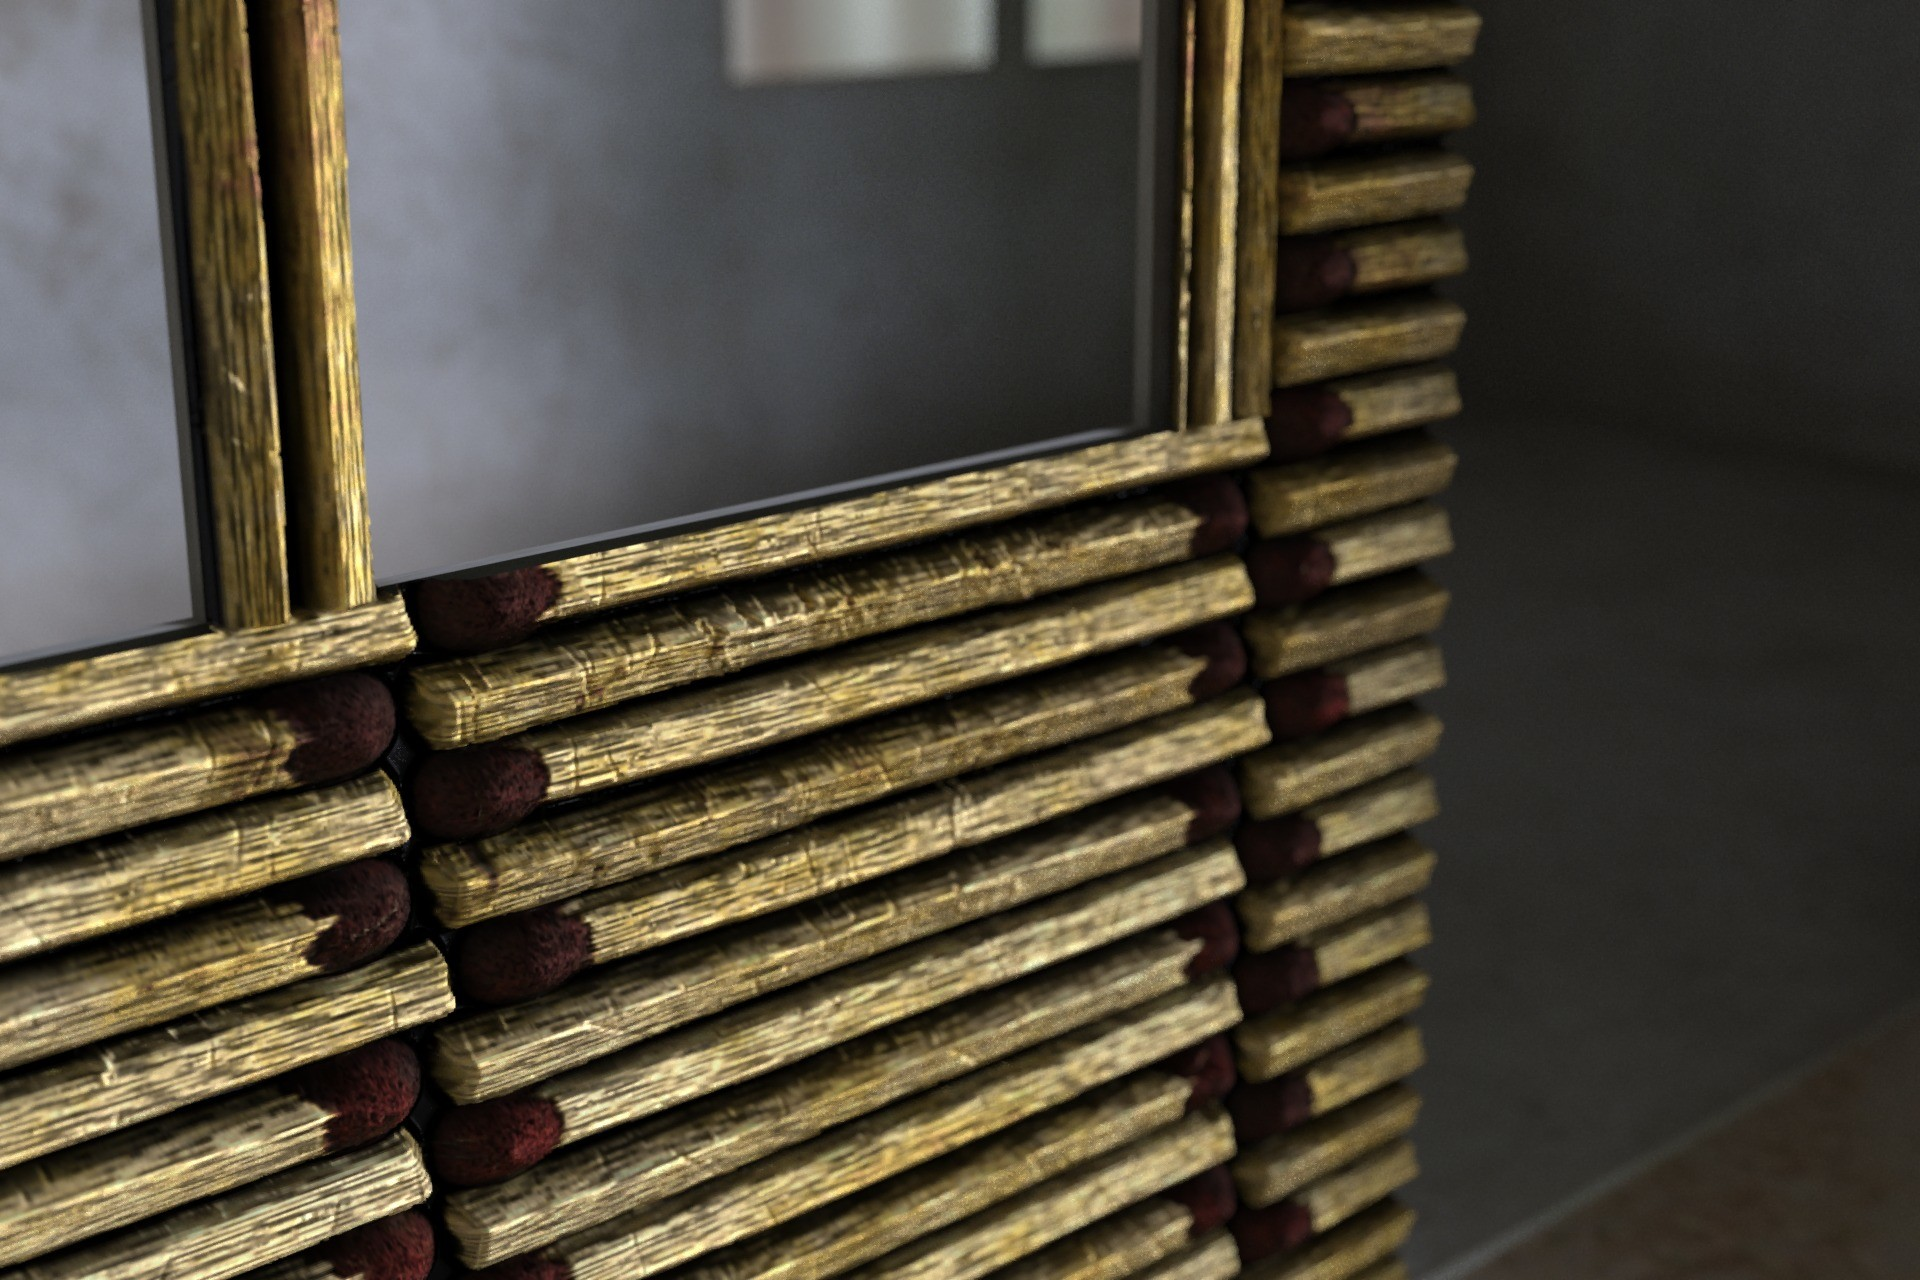 Cem tezcan matchstick house r1 00000